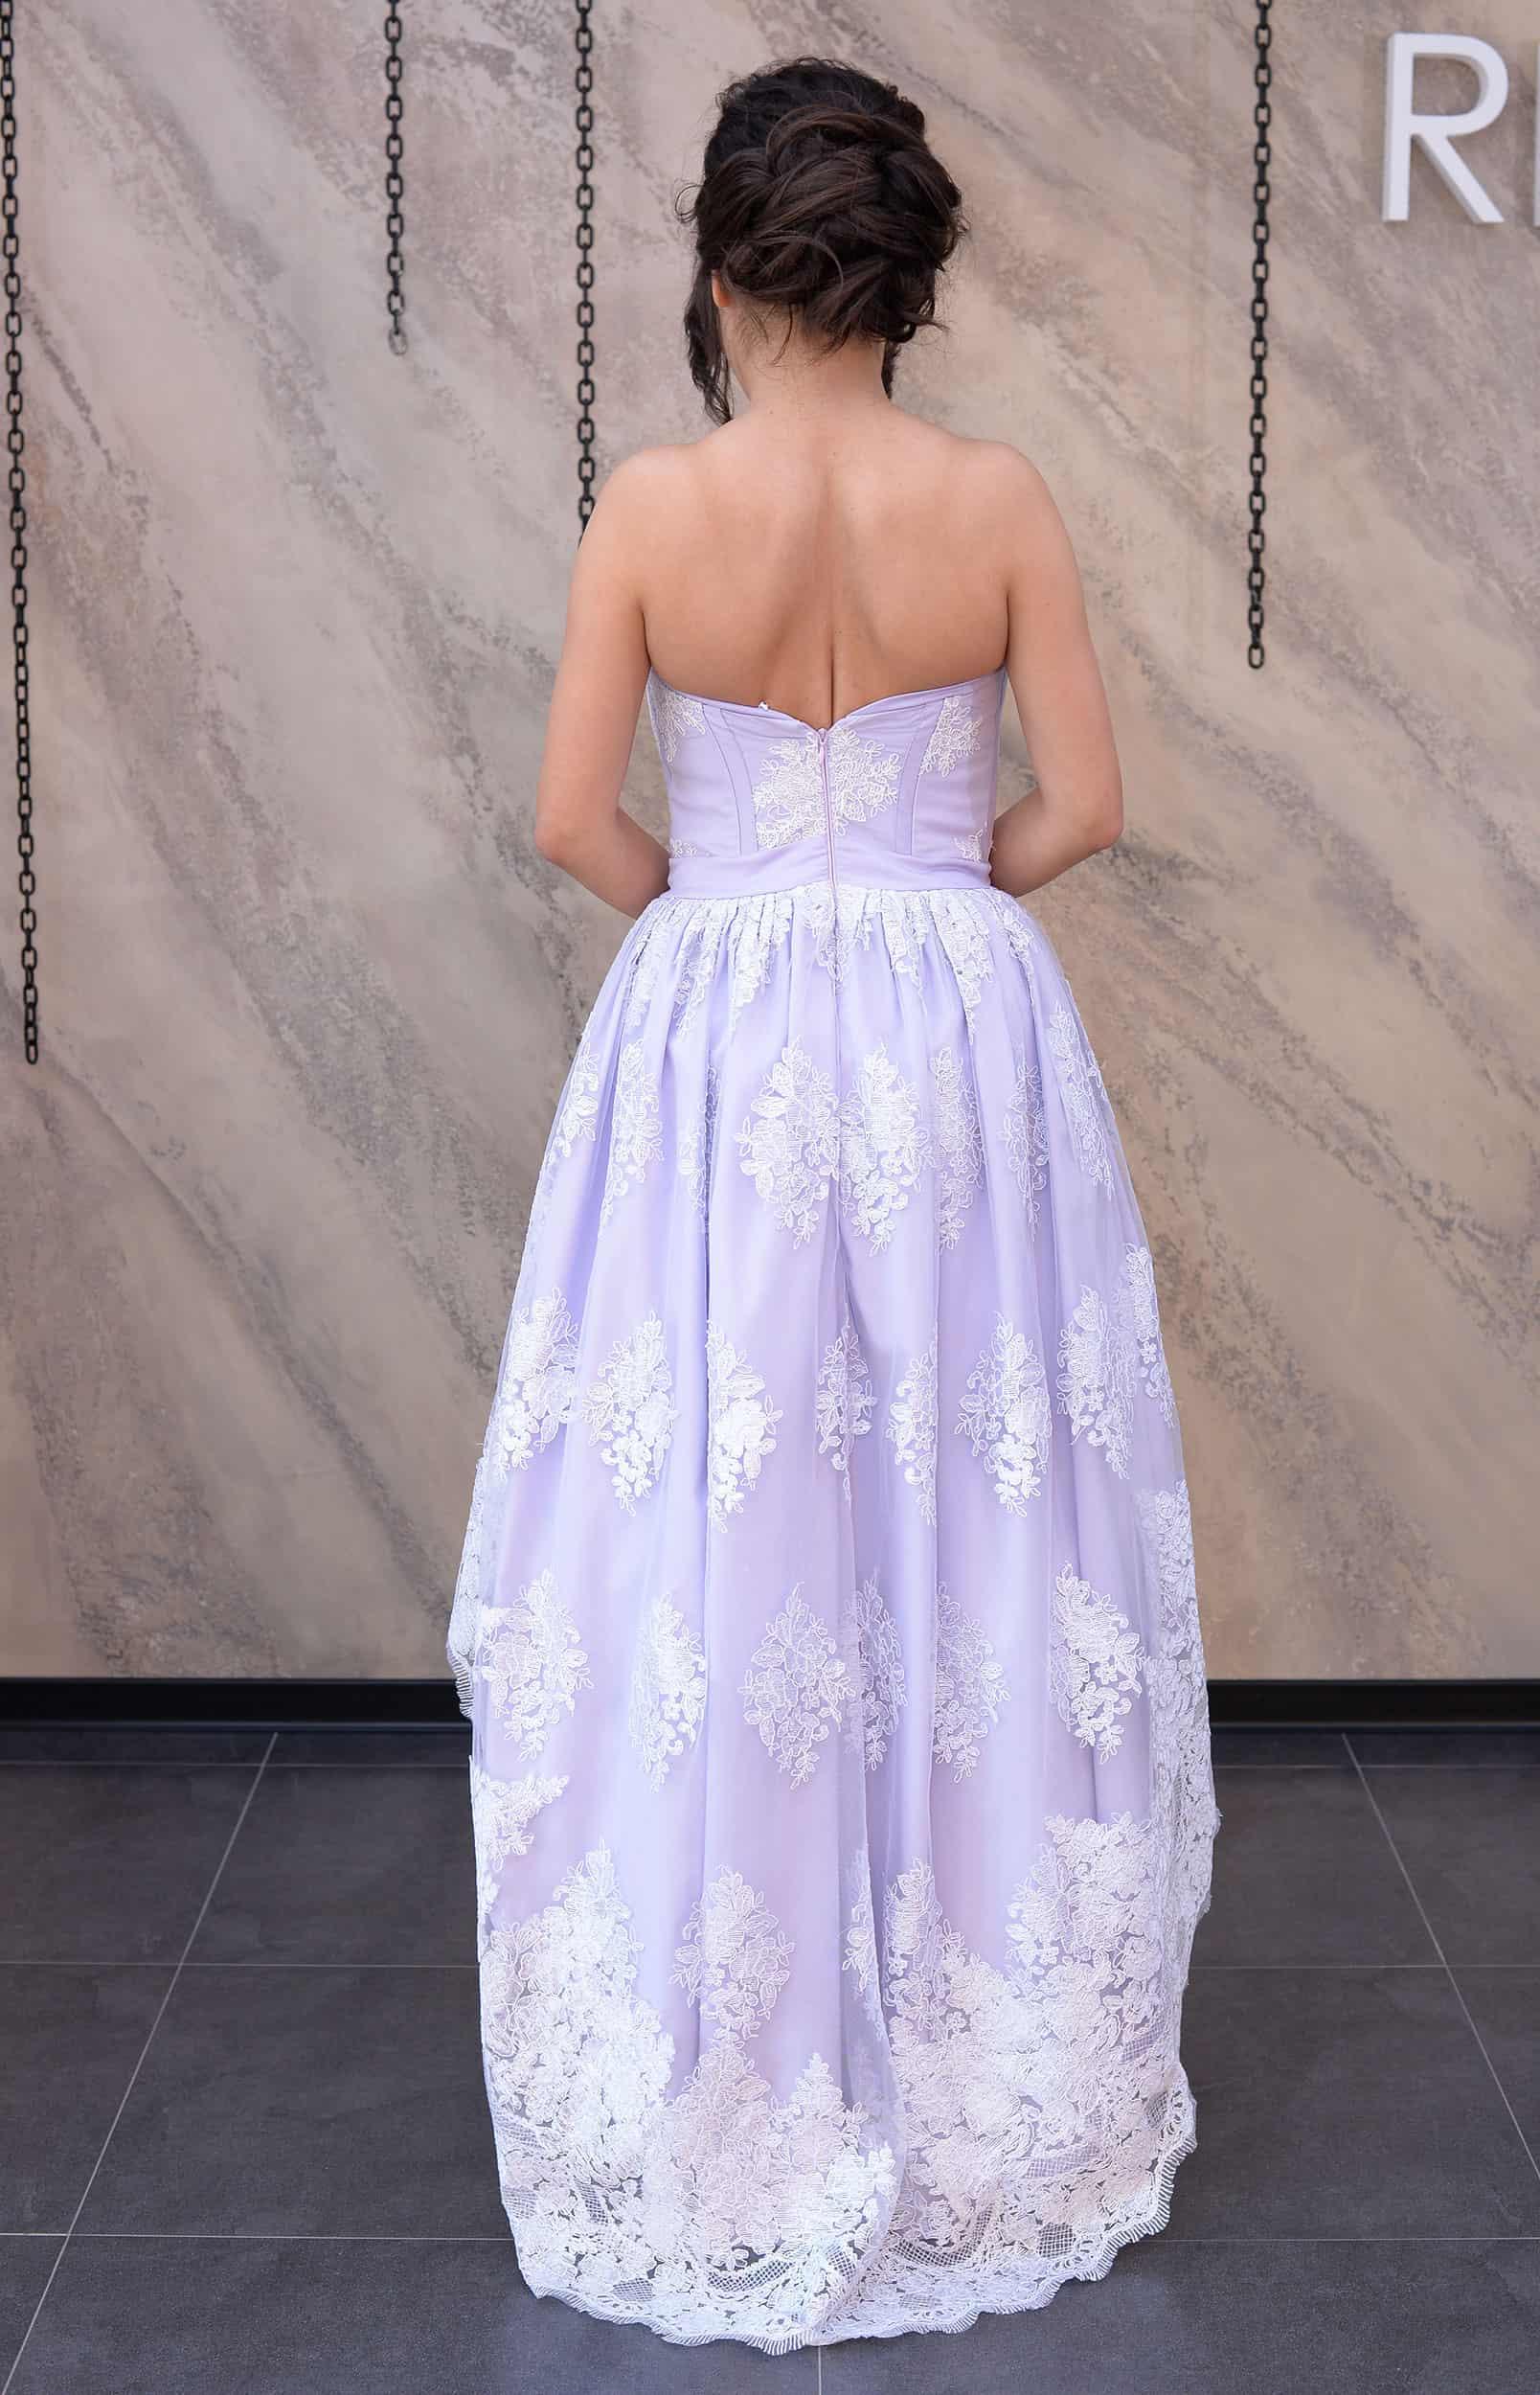 Iznajmljivanje haljina Nis - Fabrique- Rent A Dress Nis